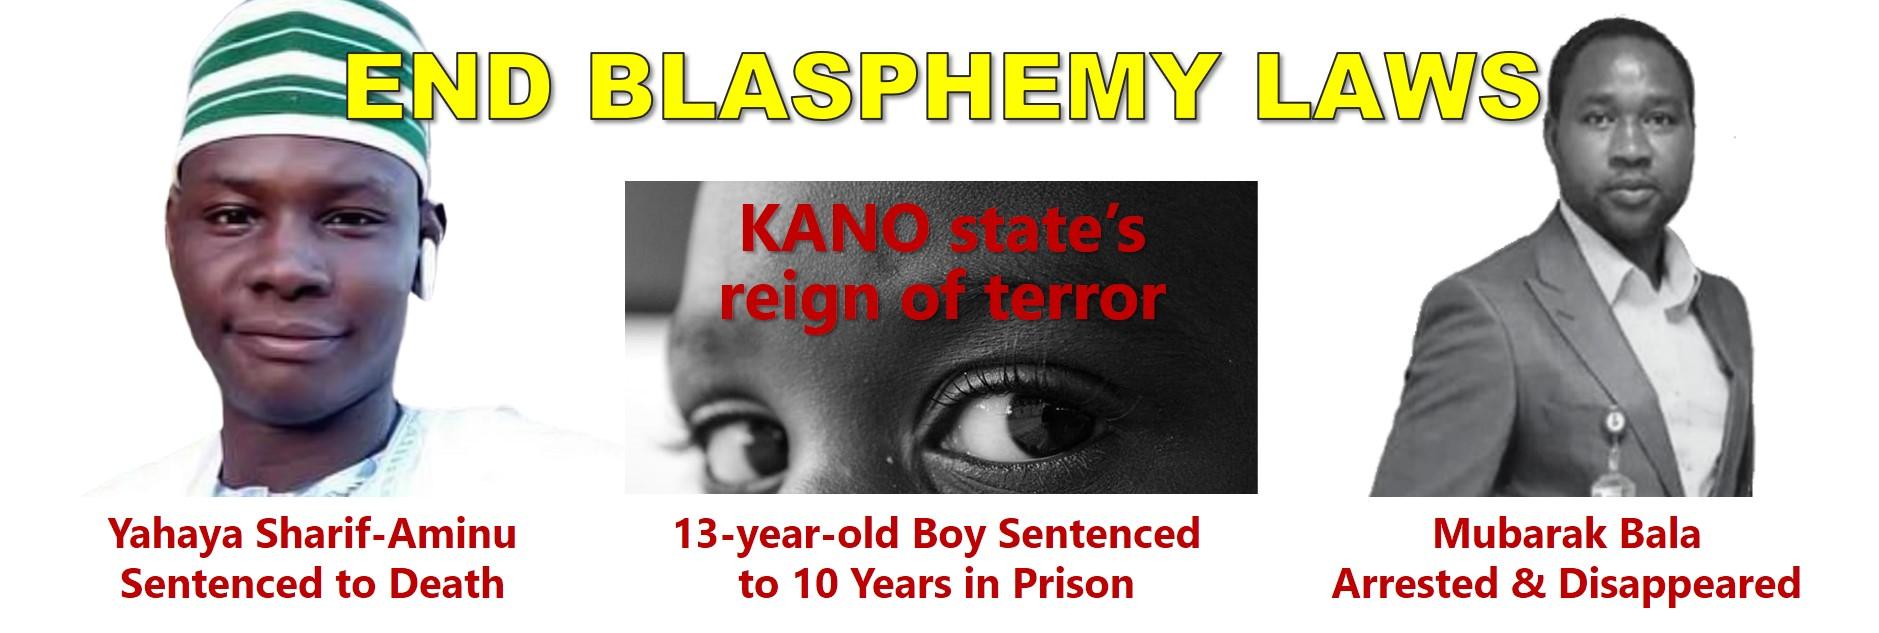 Kano State Blasphemy purge